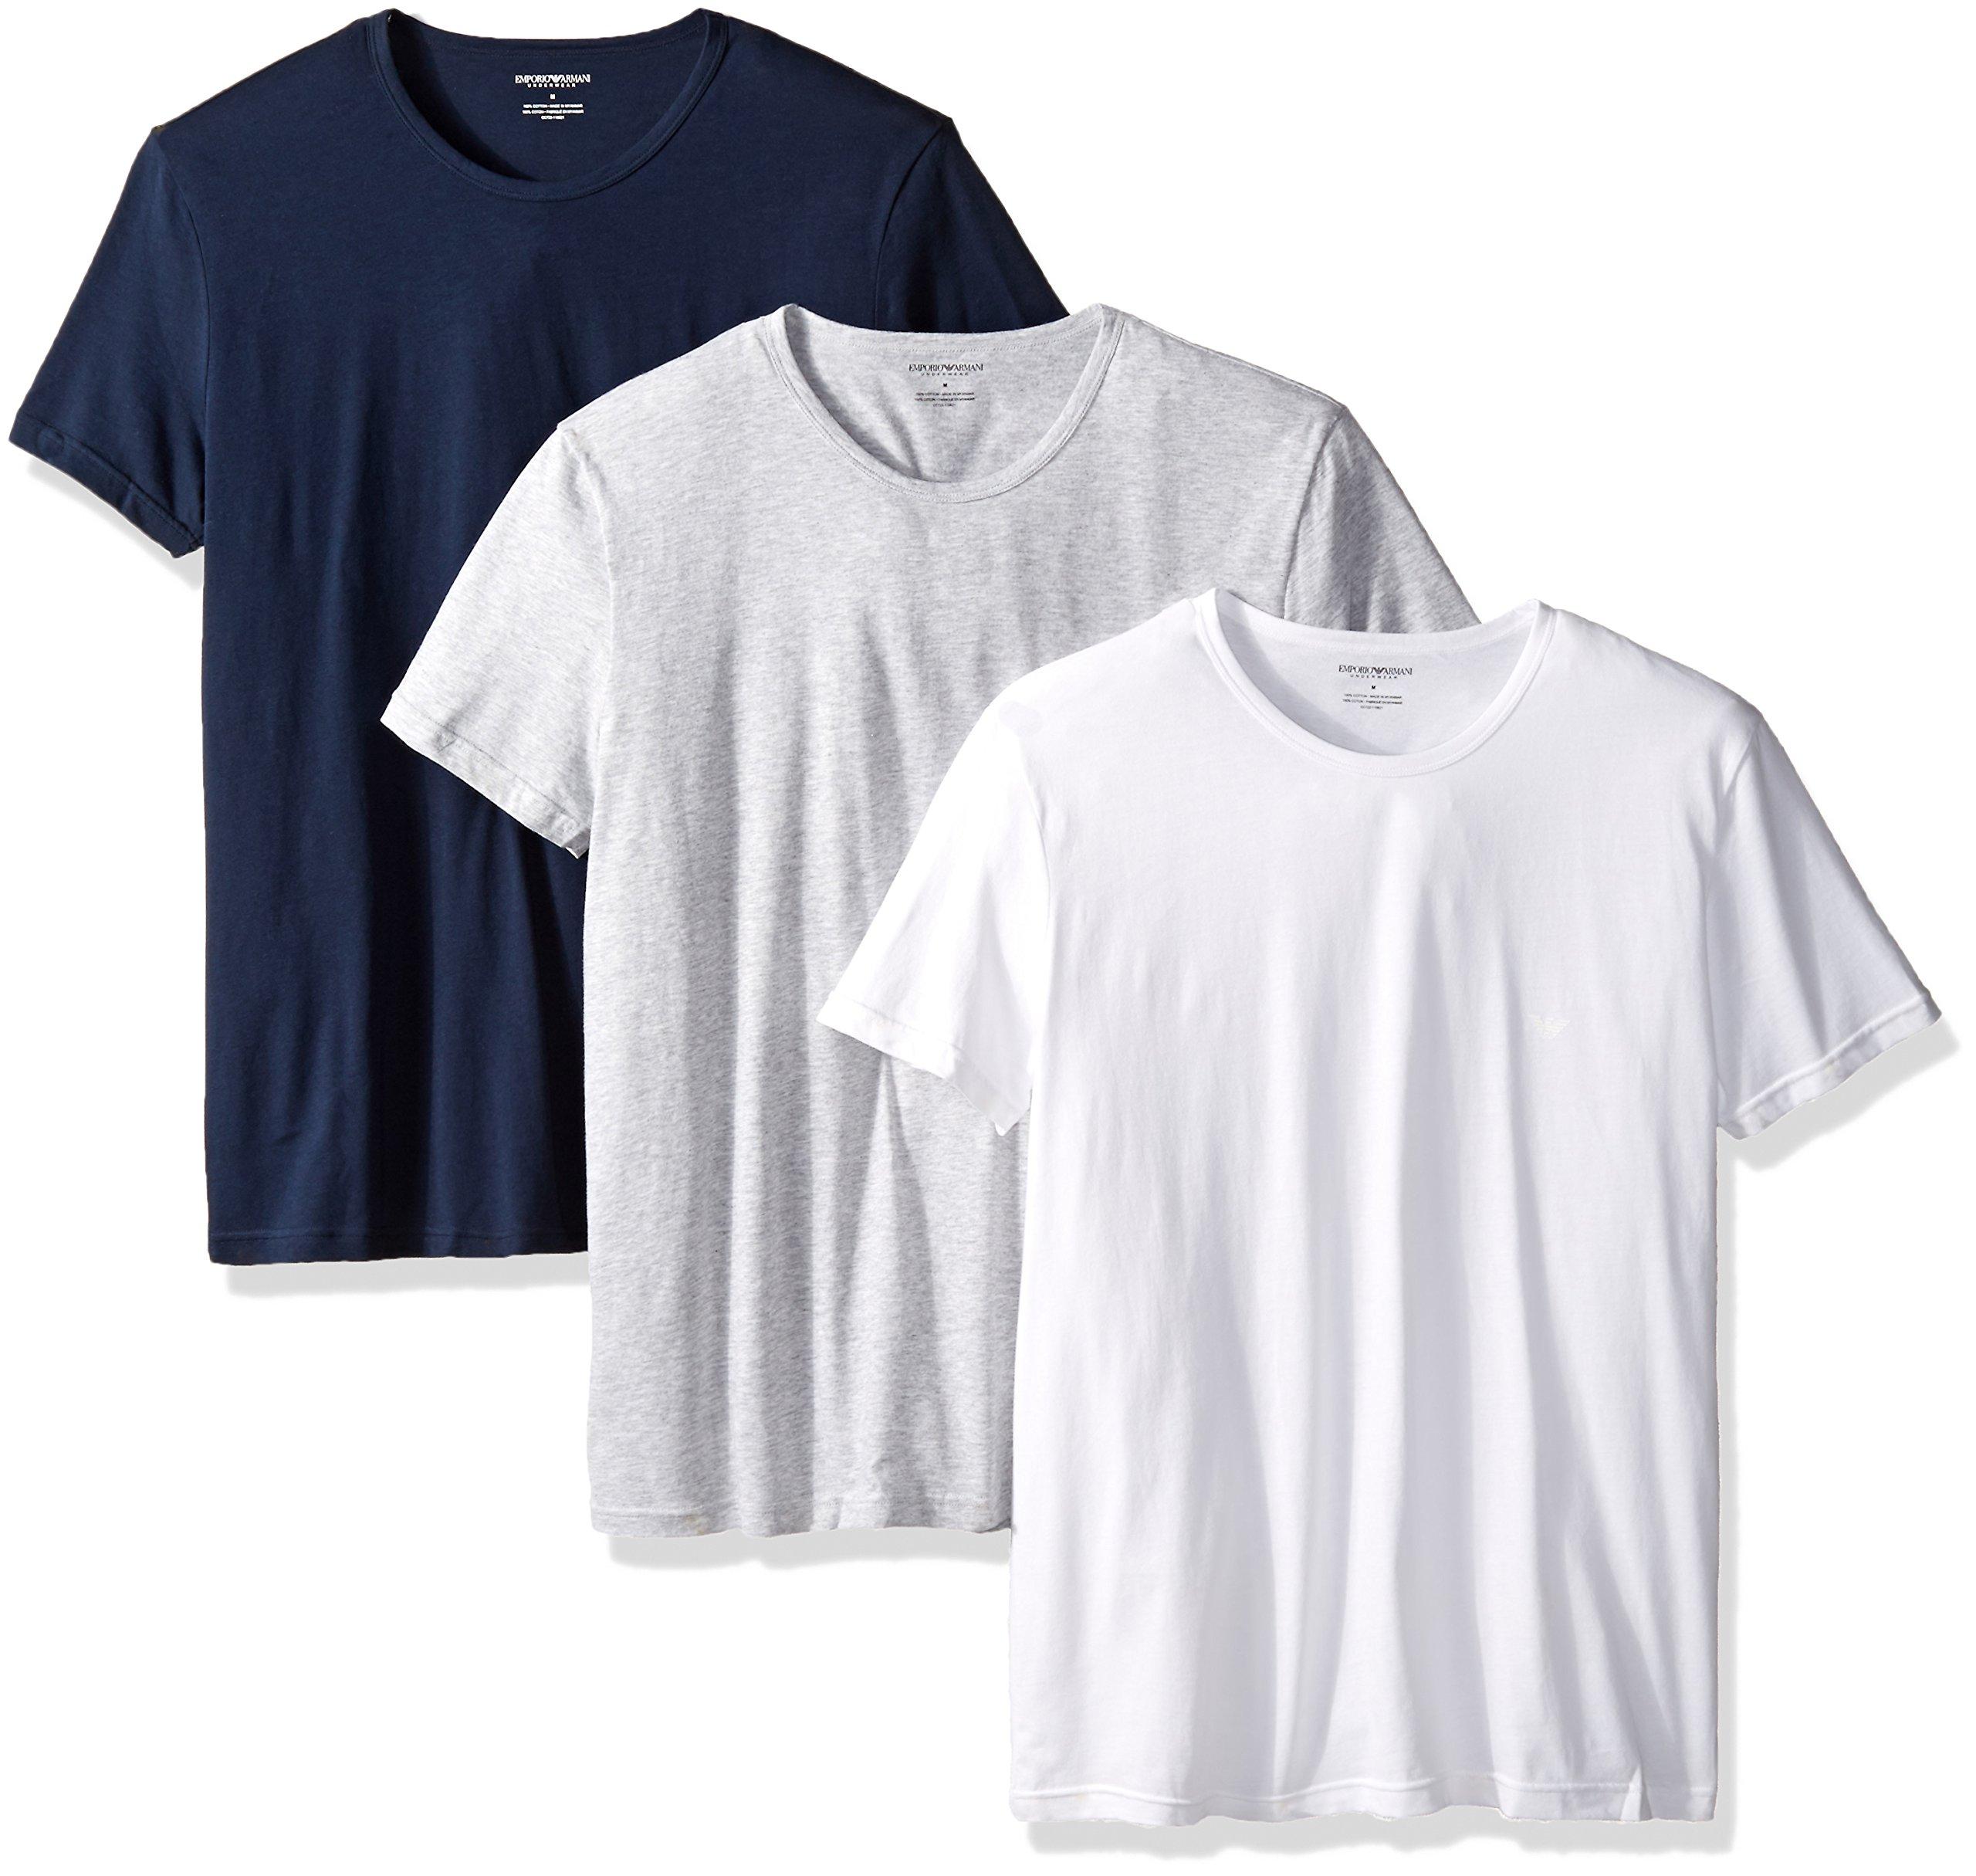 エンポリオアルマーニエンポリオアルマーニメンズコットンラウンドネックTシャツ3枚